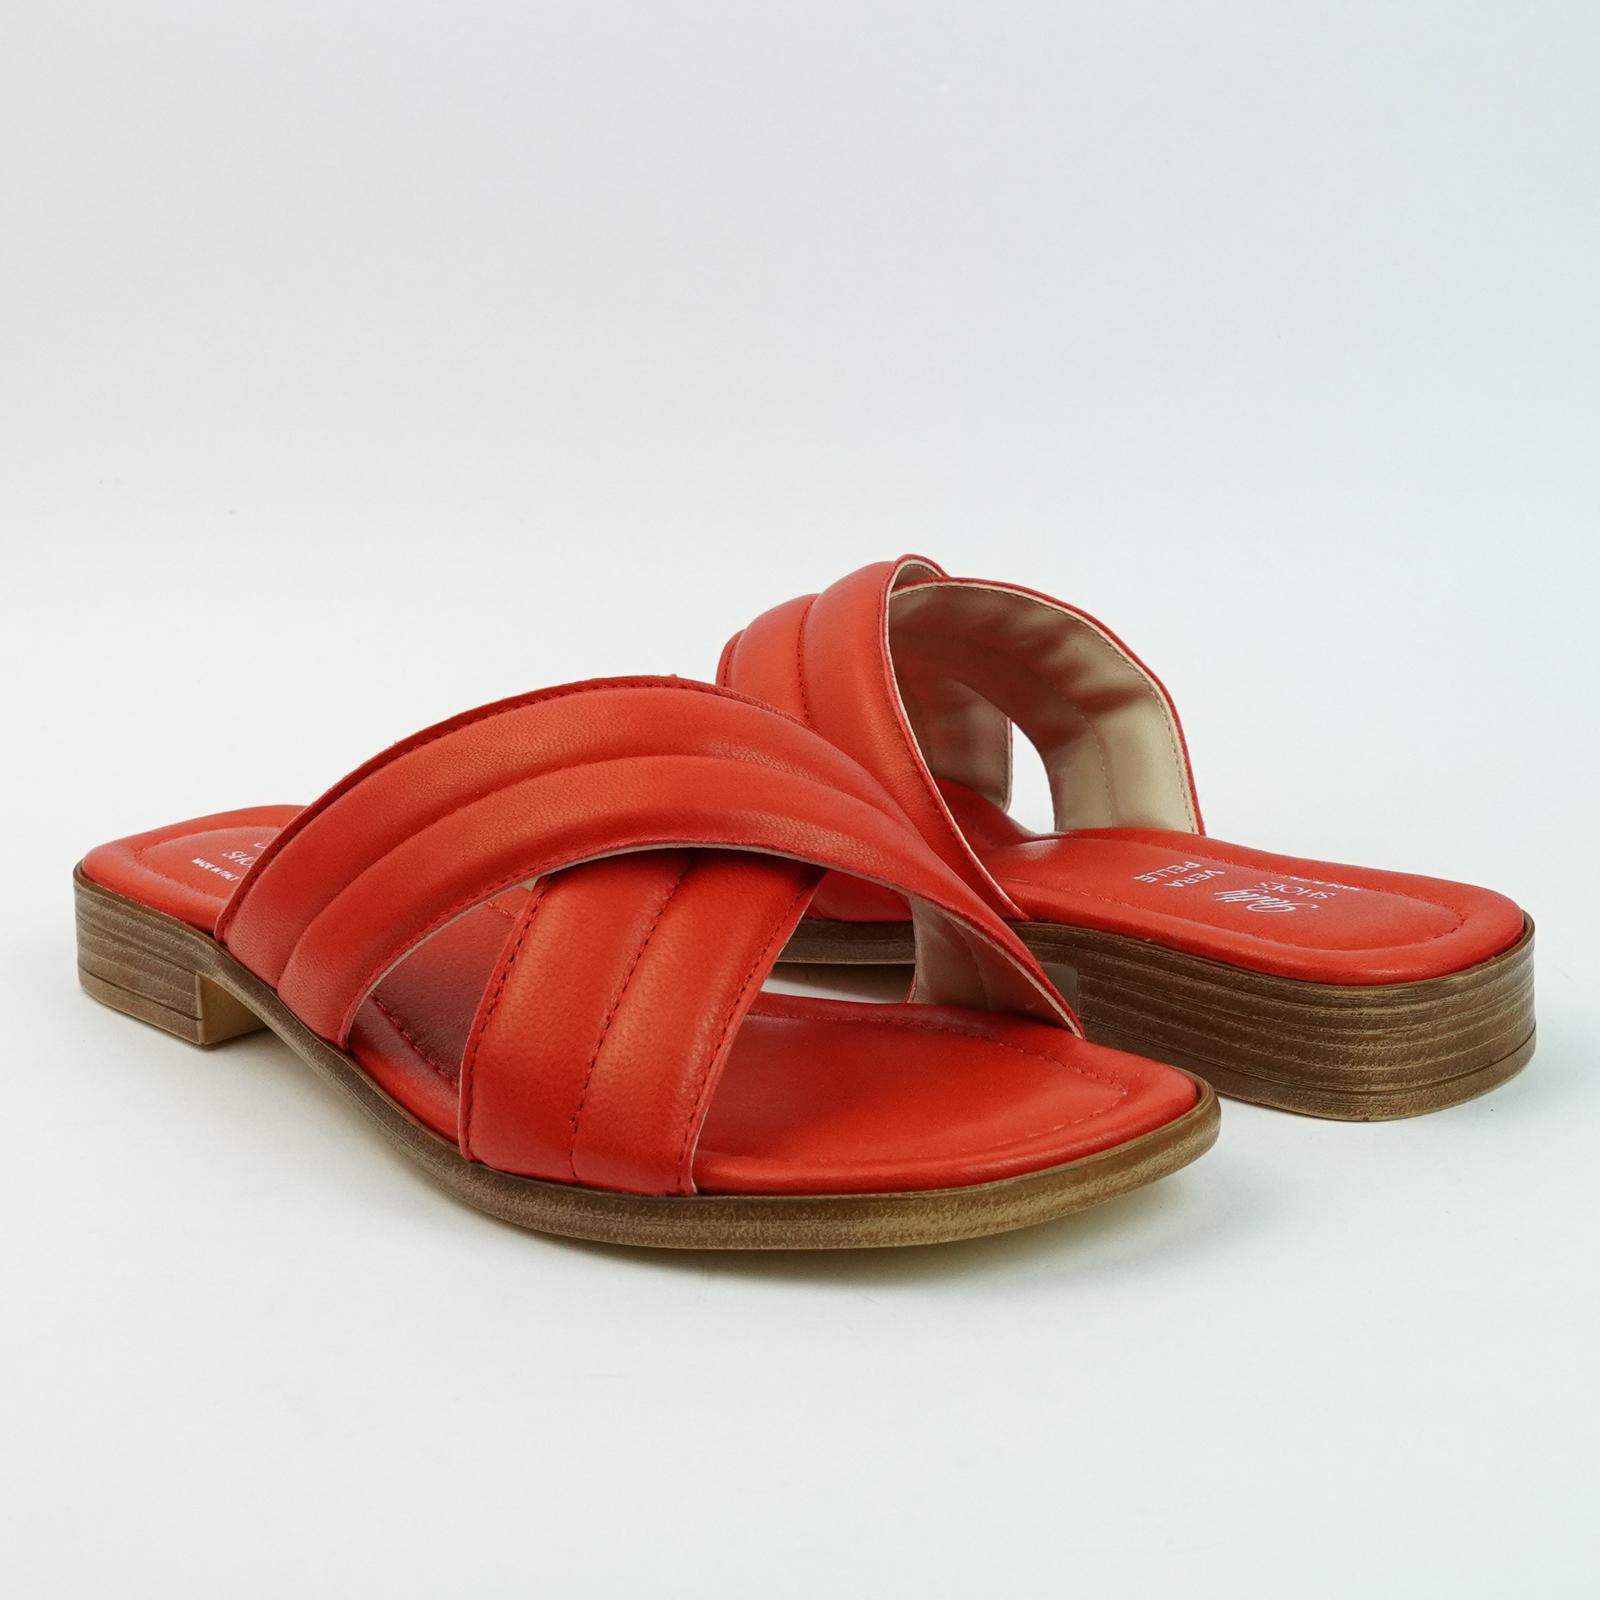 Ciabatte in vera pelle da passeggio con due fasce incrociate colore rosso